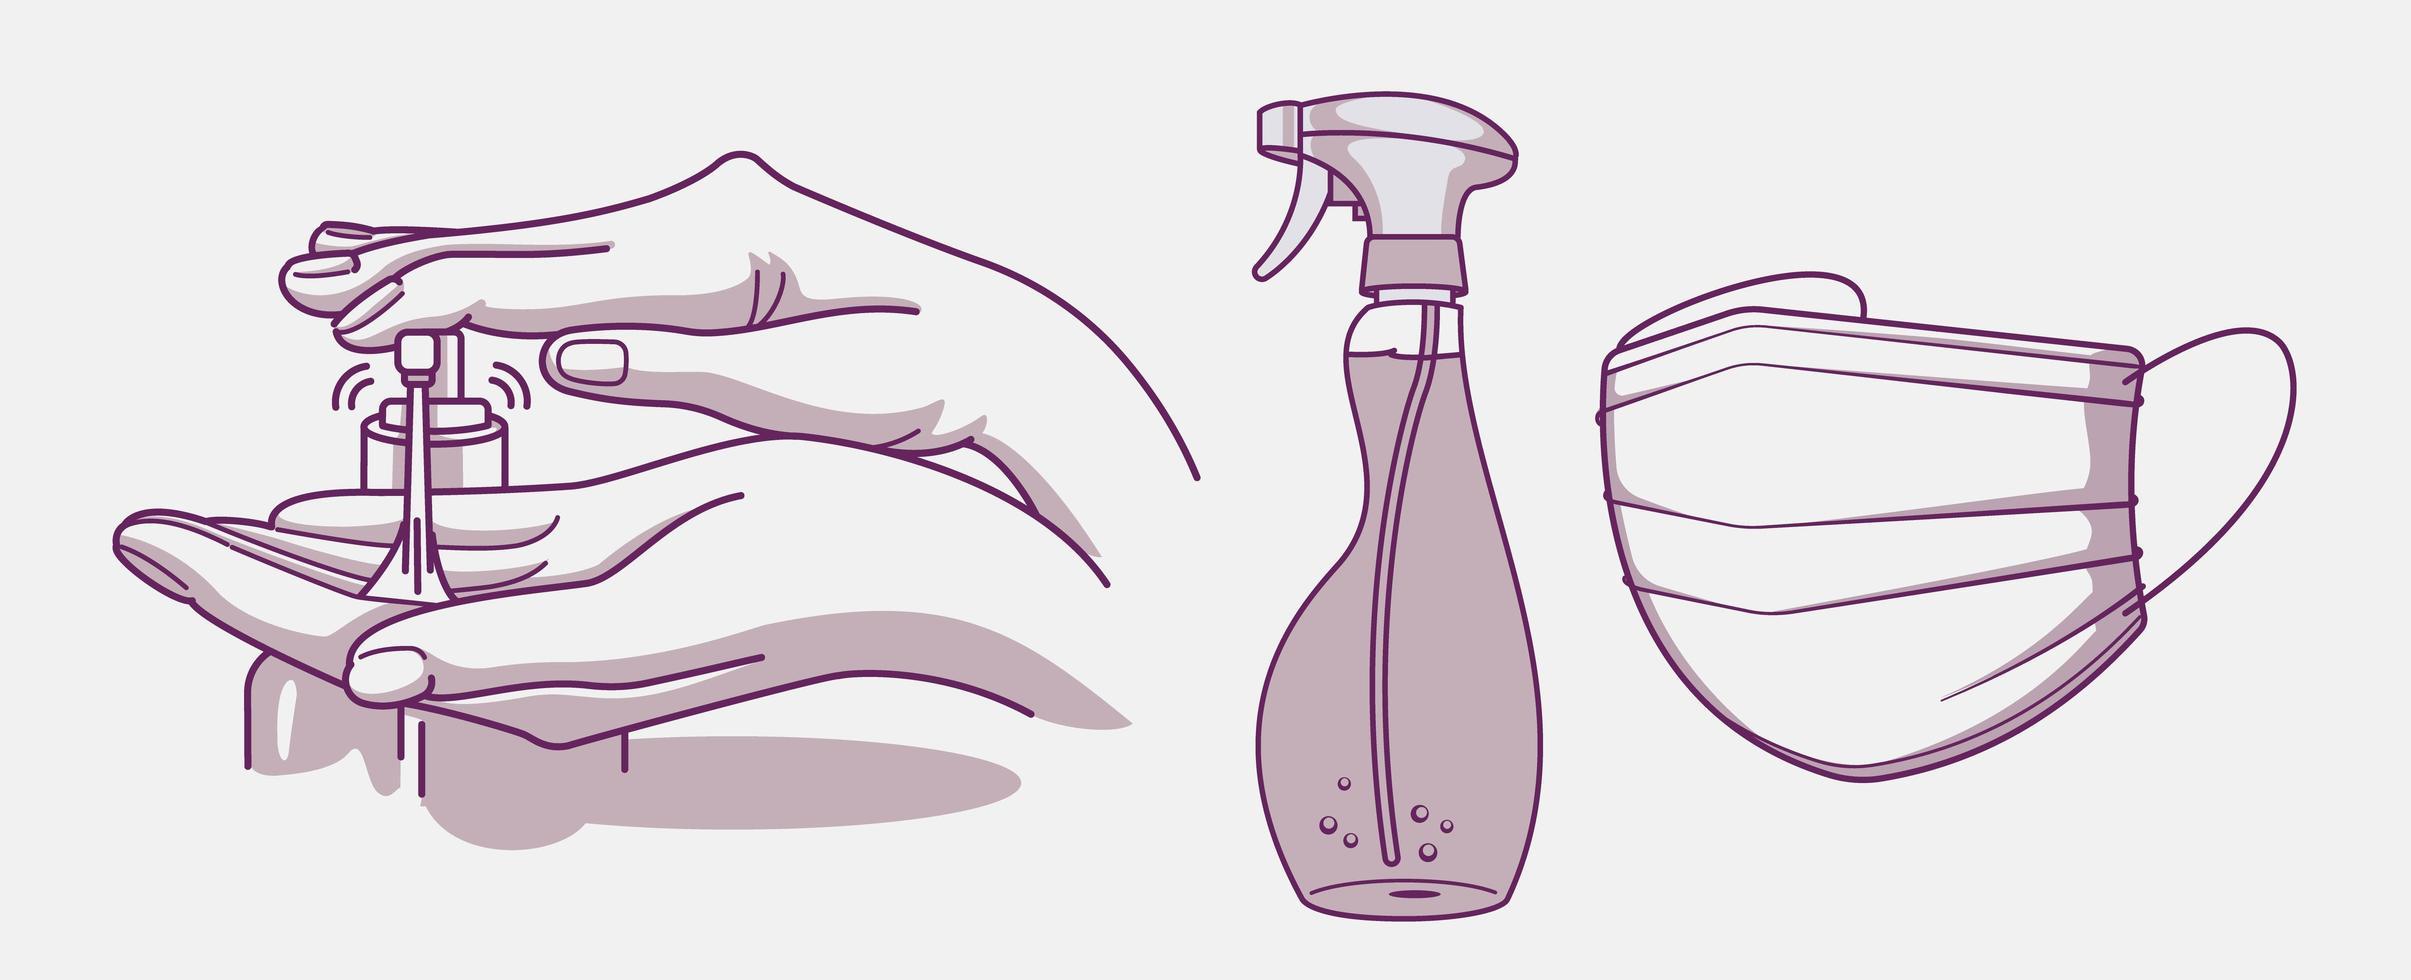 ensemble de conceptions d'hygiène et de prévention des infections vecteur